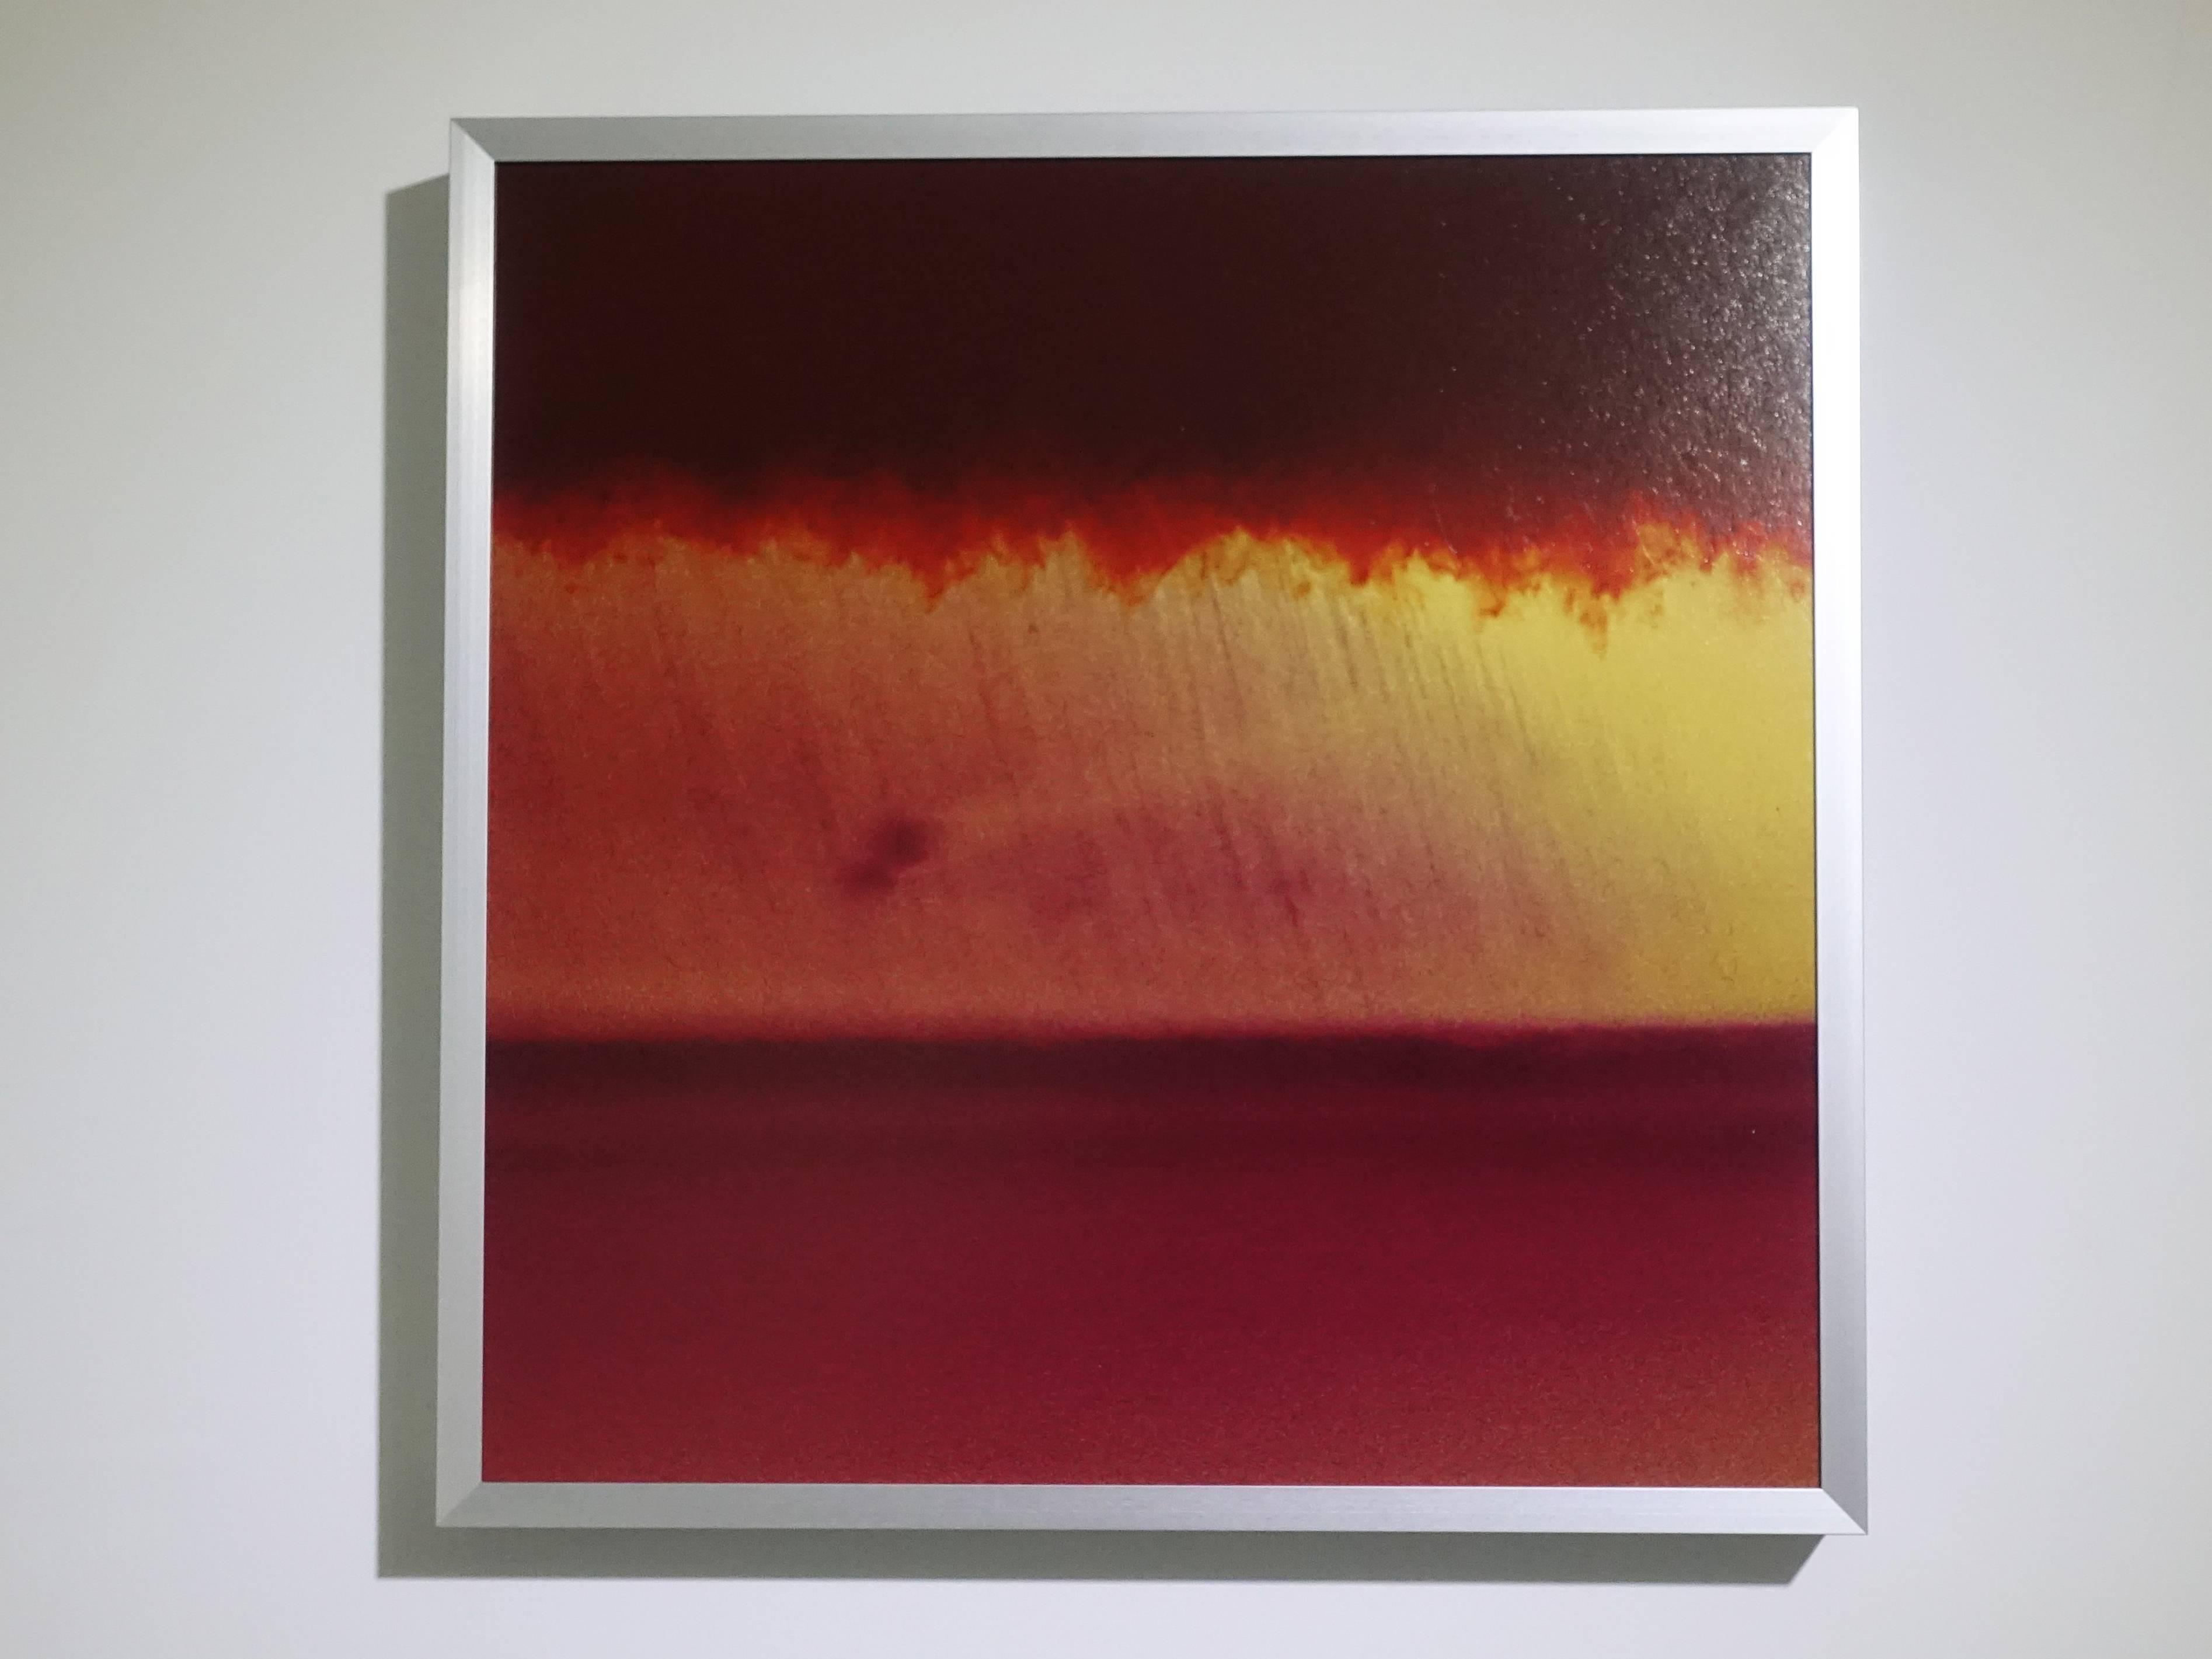 李國民,《一癡三十年》十(夢幻泉1985),30x30 cm,輸出於之為相紙,1997-2017。